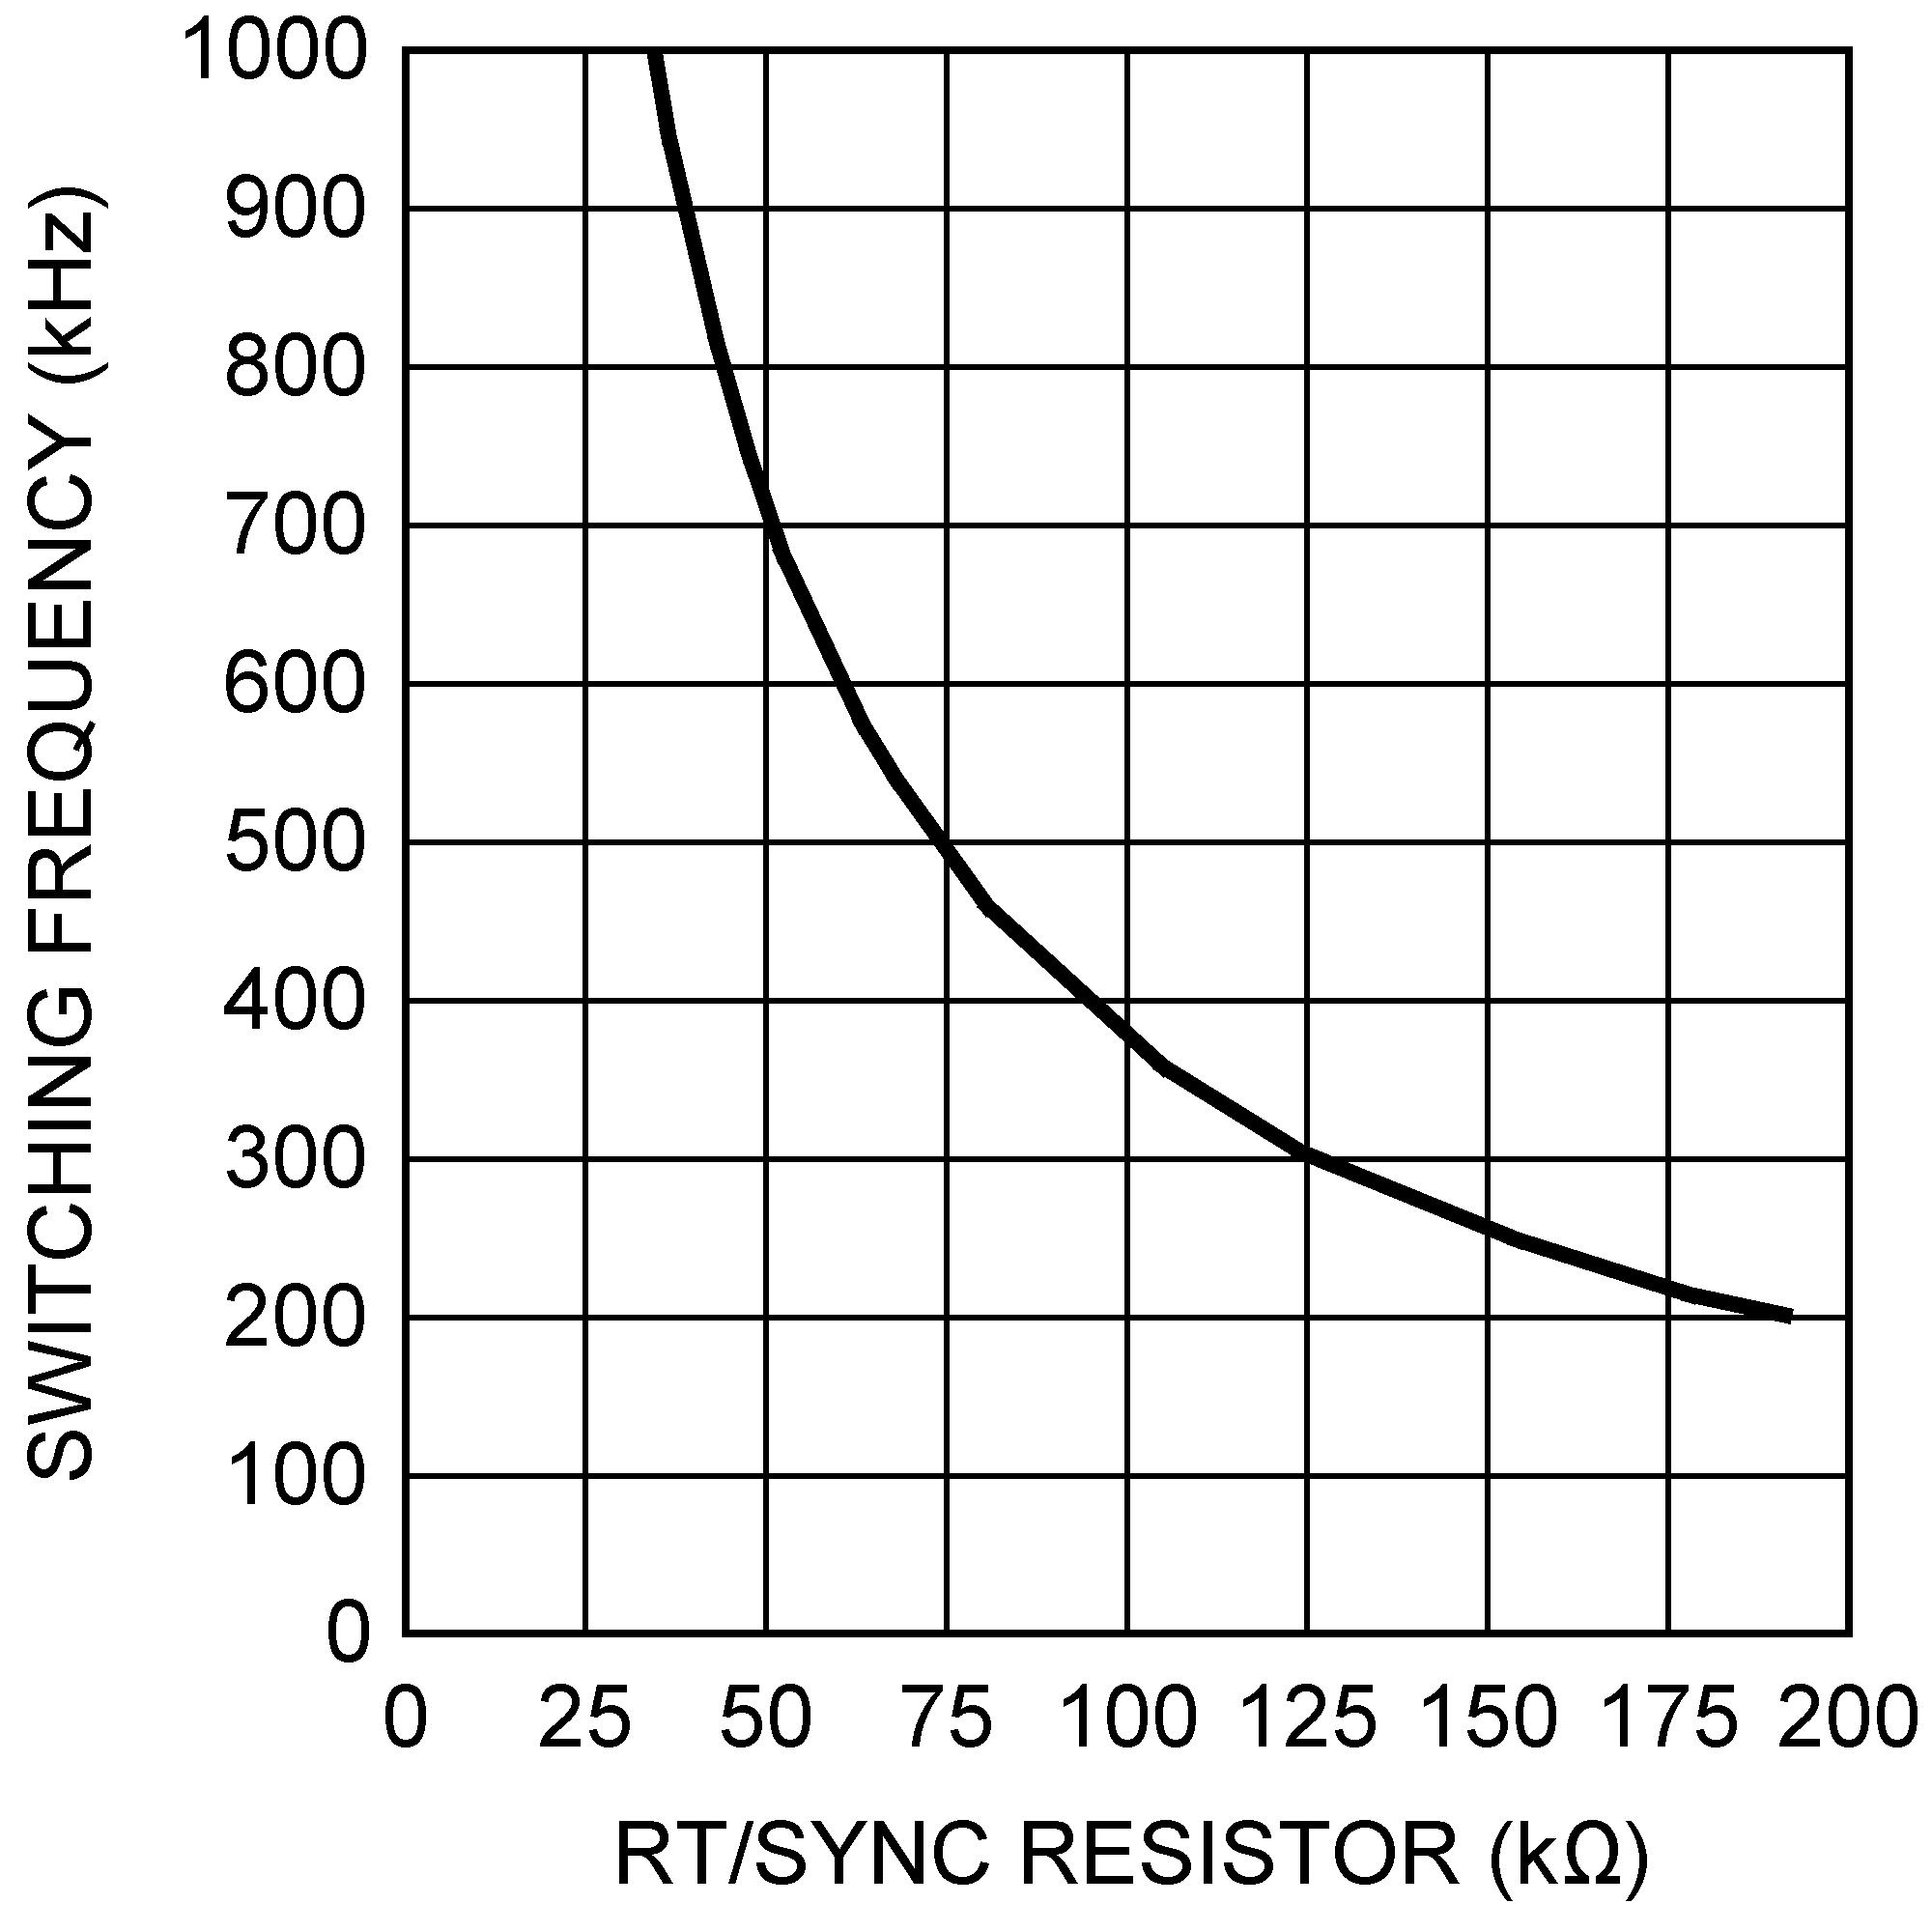 Lm22677 Q1 Voltage Divider Formula 30074113